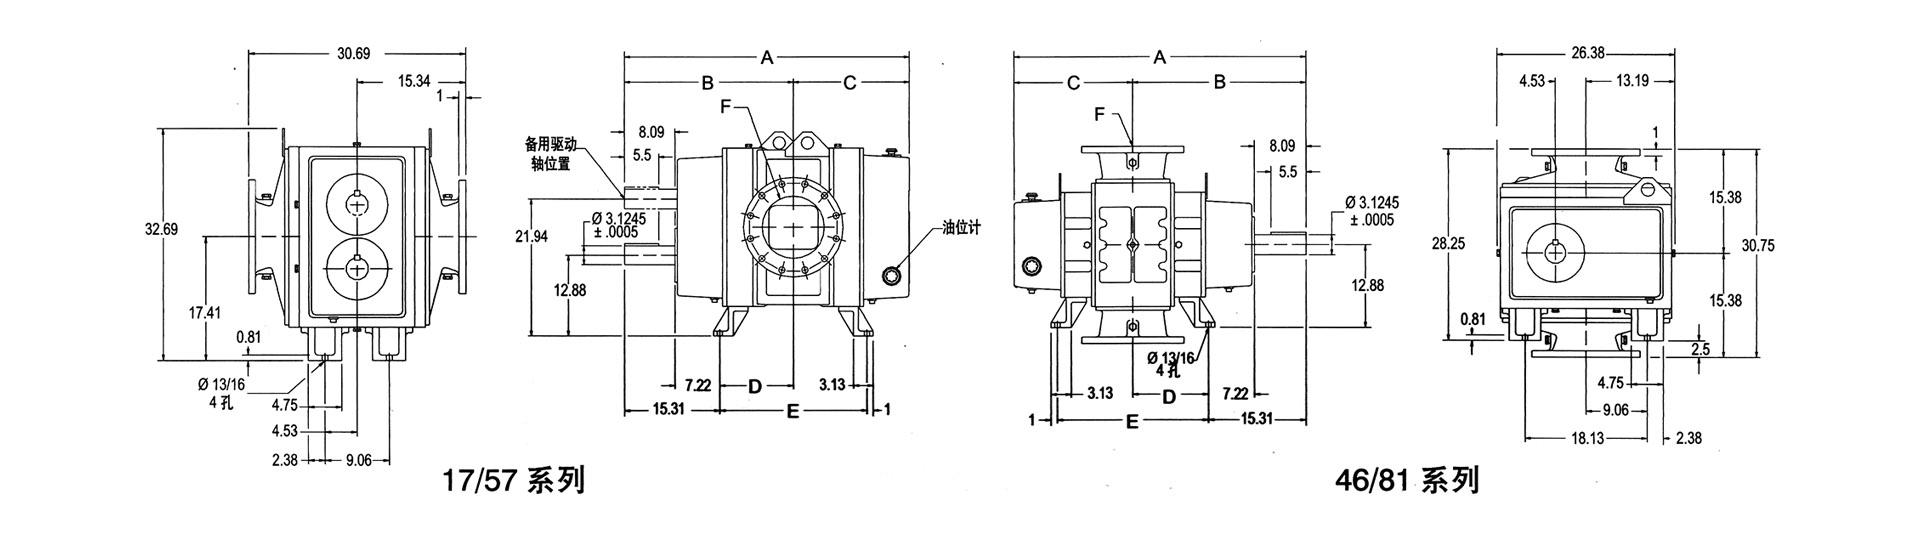 """PD Plus系列鼓风机为高级重负载风机,型号齐全,生产历史悠久,齿距从3.25""""到12"""",转子长度从2.5""""到48"""",该系列风机以高质量、高可靠性、性能杰出而享有盛誉。 产品特点: 该系列风机有多种材质和密封形式供选择,以满足不同介质气体输送的需要;比普通风机多一个轴承,该轴承安装在驱动轴外侧,确保了PD Plus系列风机在重负载工况下比普通风机更经久耐用。机体外壳采用特殊设计更加结实可靠,能在高温高压下安全可靠运行。该系列风机最大风量为15,764m³/h,最高压力可达1."""